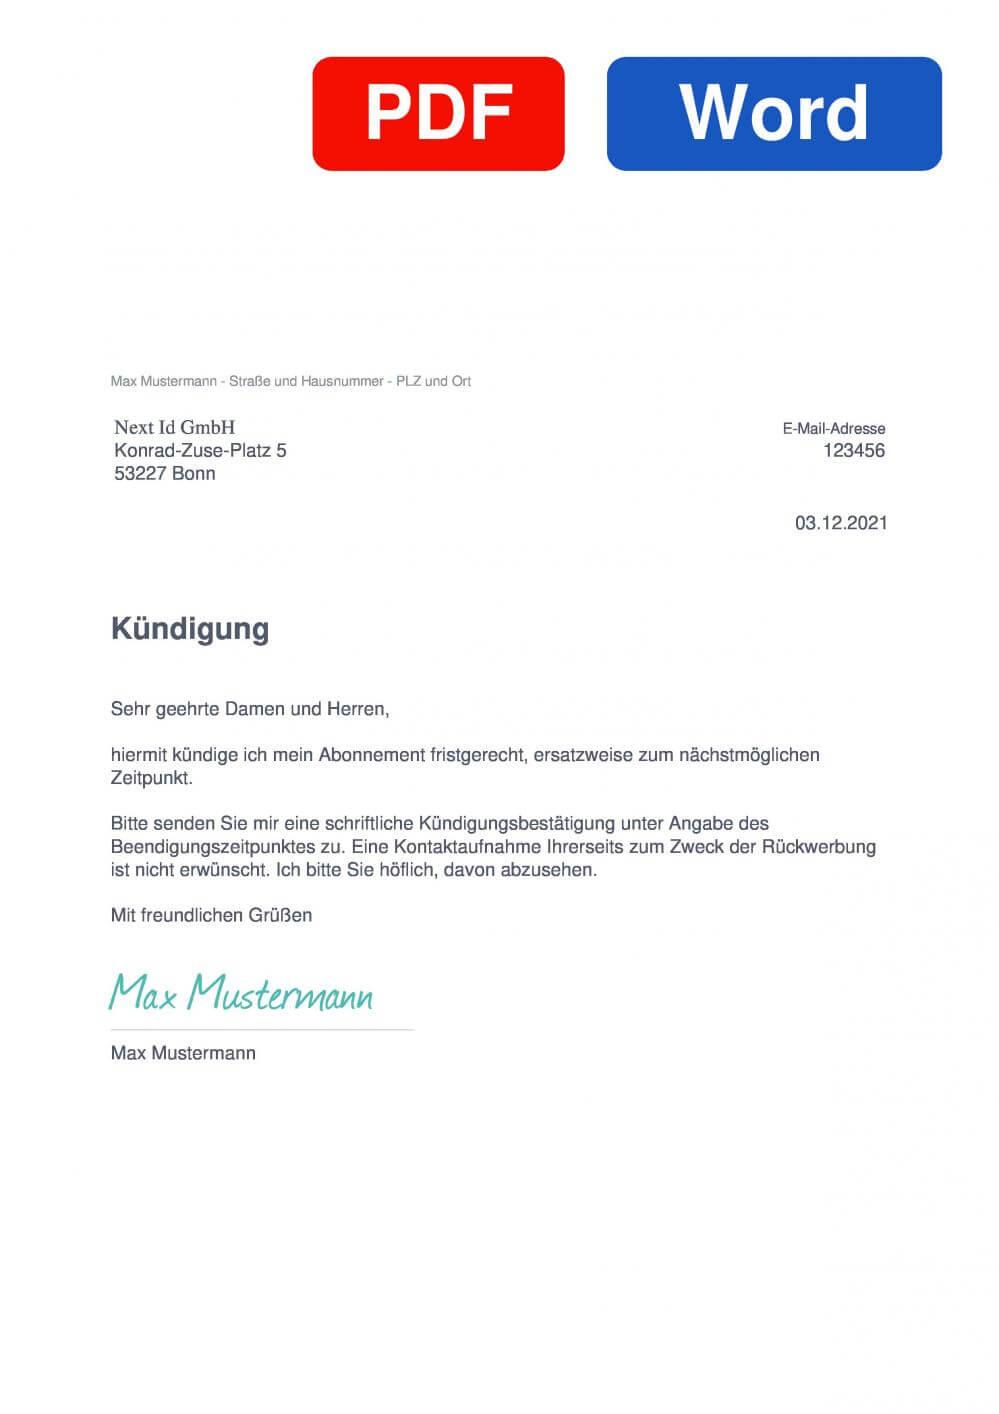 Next ID GmbH Muster Vorlage für Kündigungsschreiben